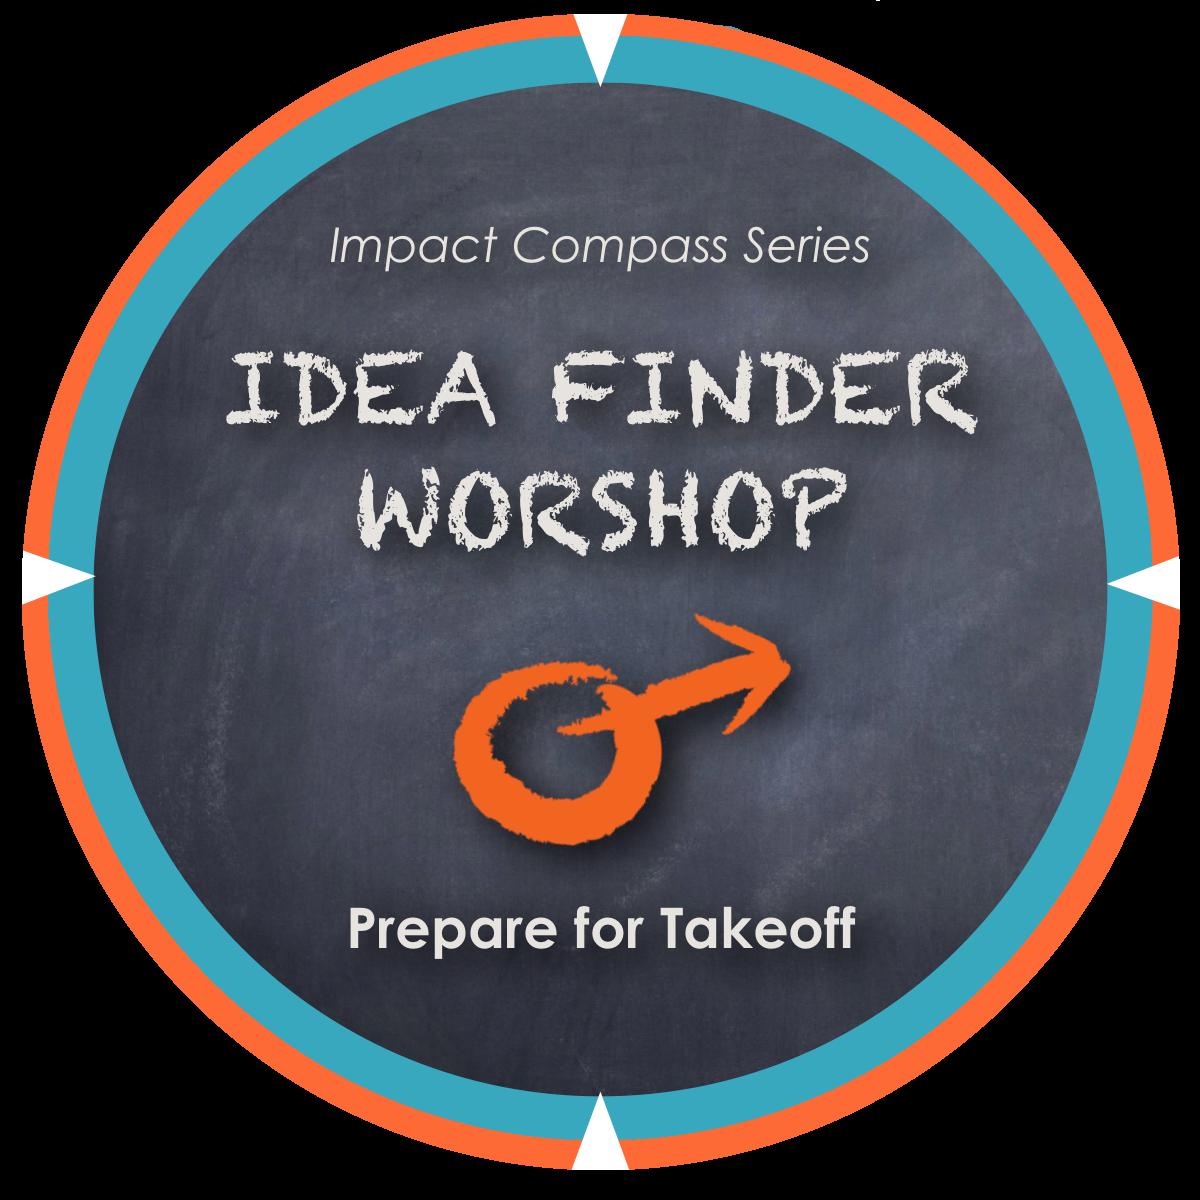 IDEA FINDER Workshop